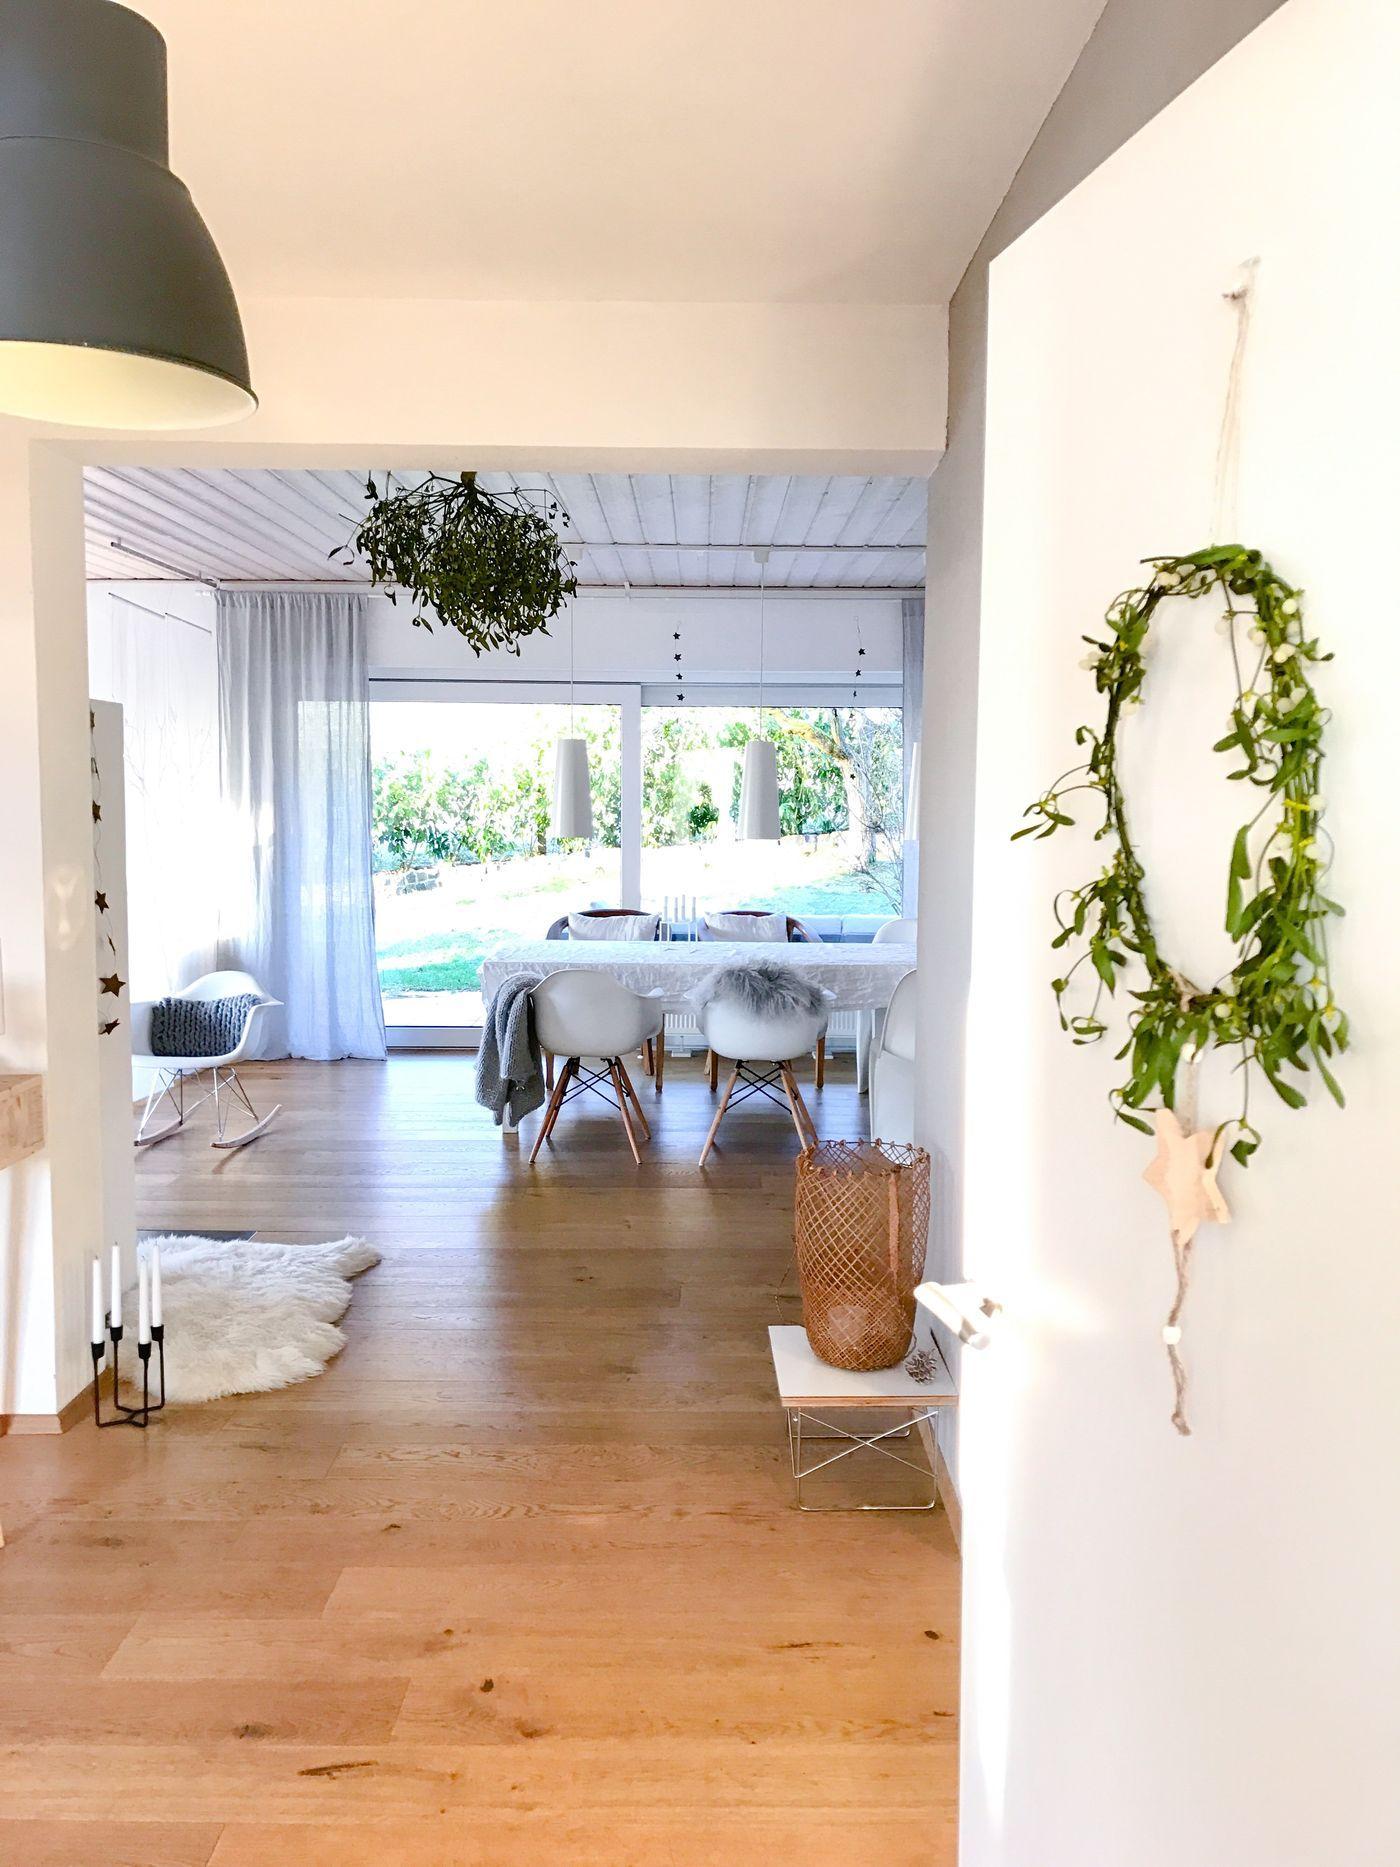 Full Size of Hängelampen Ikea Schnsten Ideen Mit Leuchten Küche Kosten Betten 160x200 Bei Miniküche Modulküche Kaufen Sofa Schlaffunktion Wohnzimmer Hängelampen Ikea